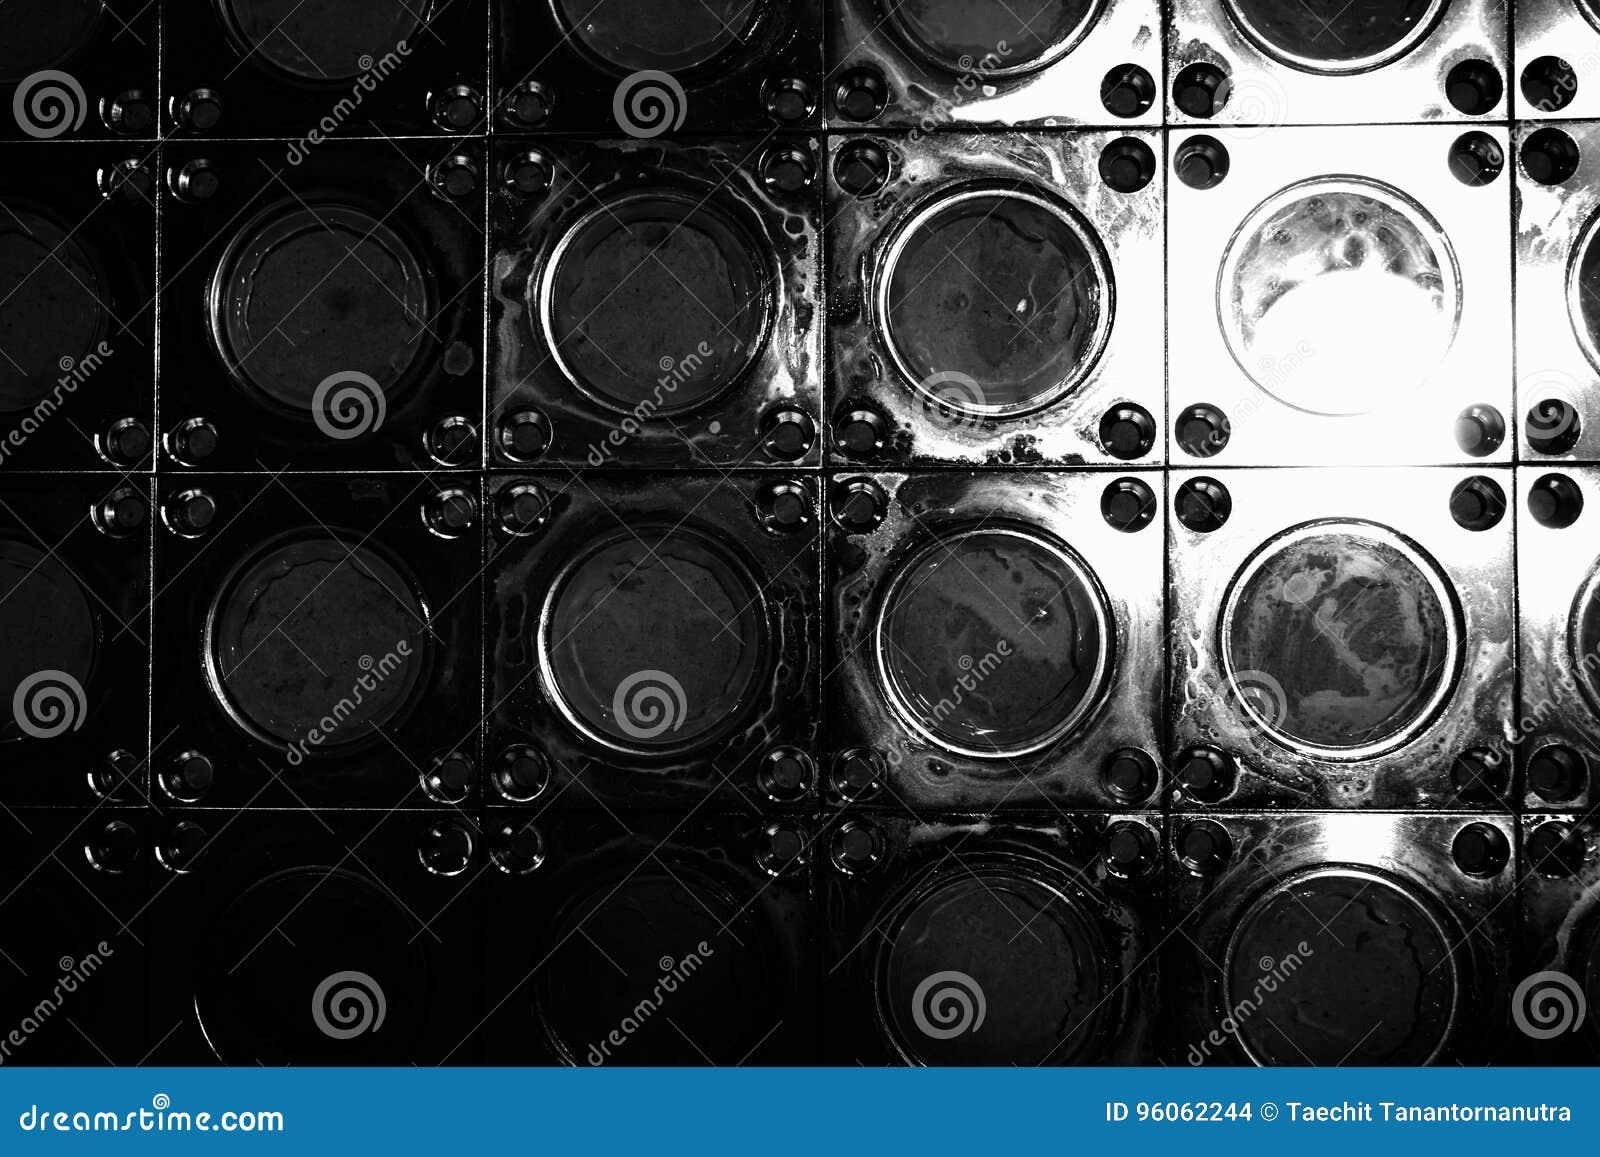 Cercle abstrait en métal